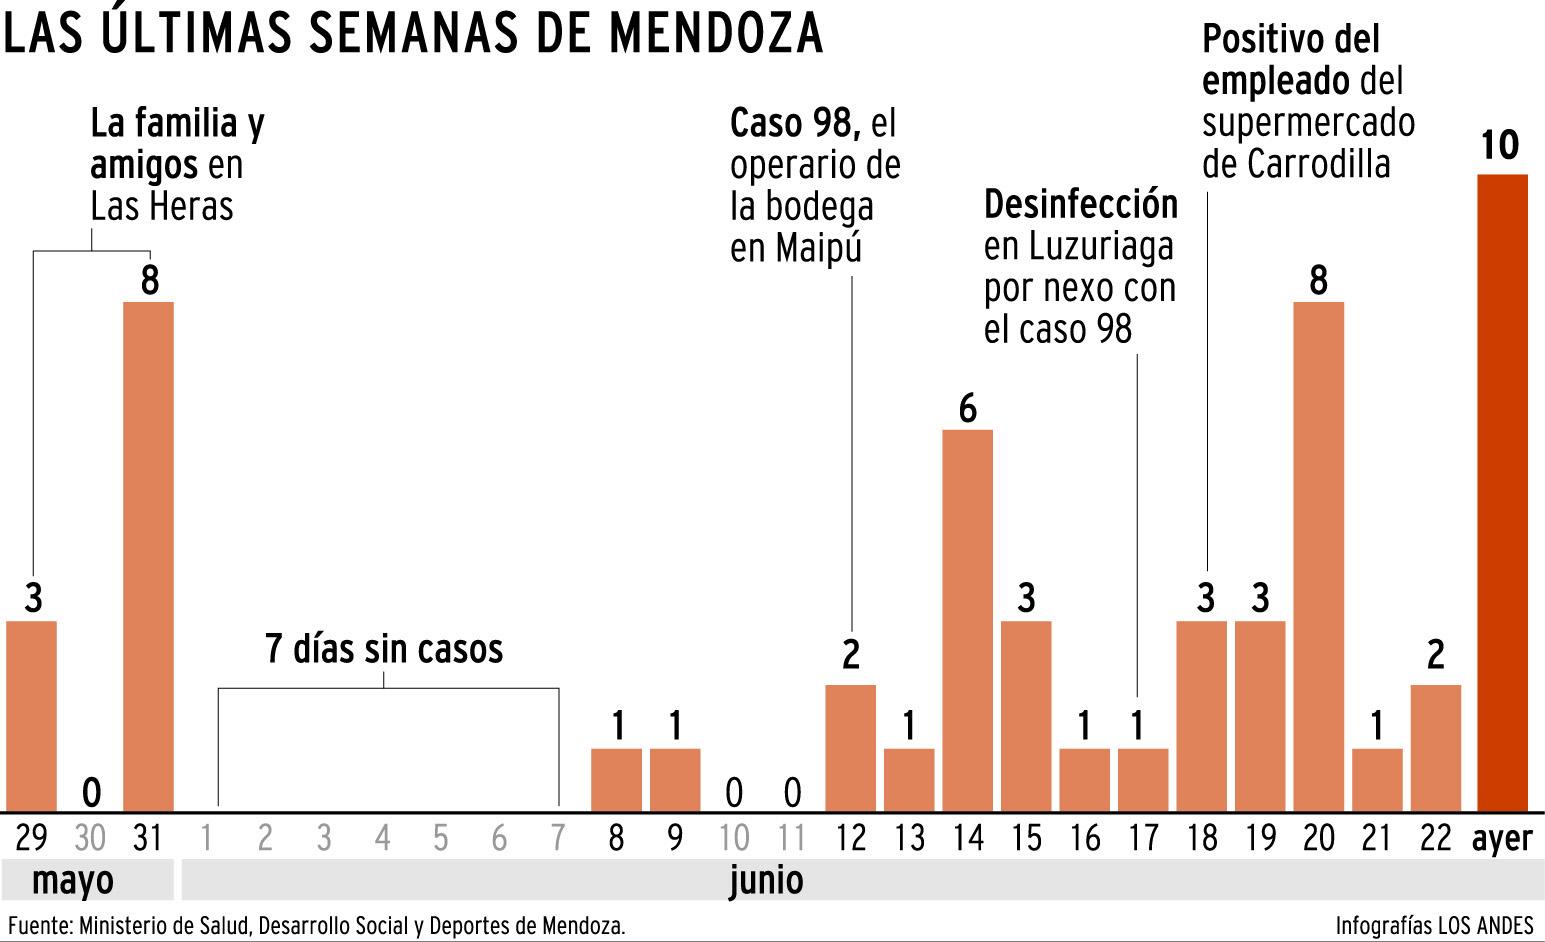 Cantidad de casos positivos en las últimas semanas en Mendoza - Gustavo Guevara